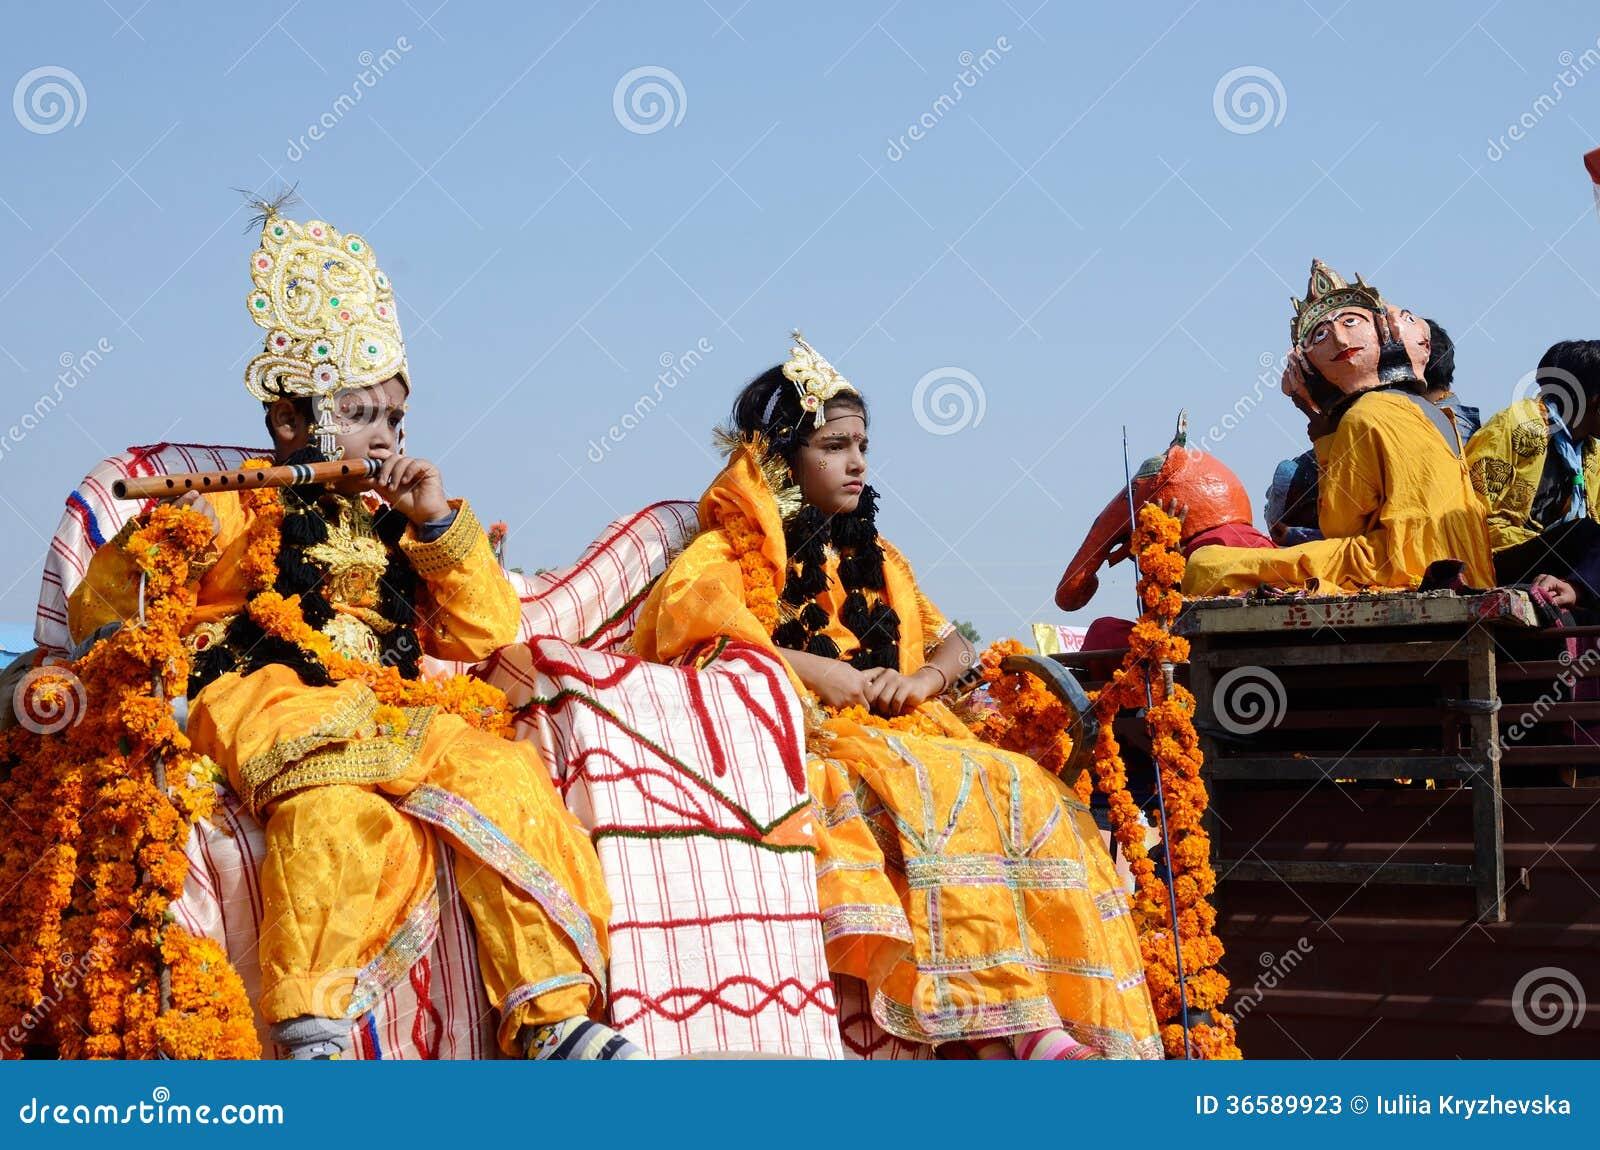 Το αγόρι και το κορίτσι έντυσαν ως Λόρδος Krishna και σύζυγός του Rukmini στην έκθεση βοοειδών Pushkar, Rajasthan, Ινδία